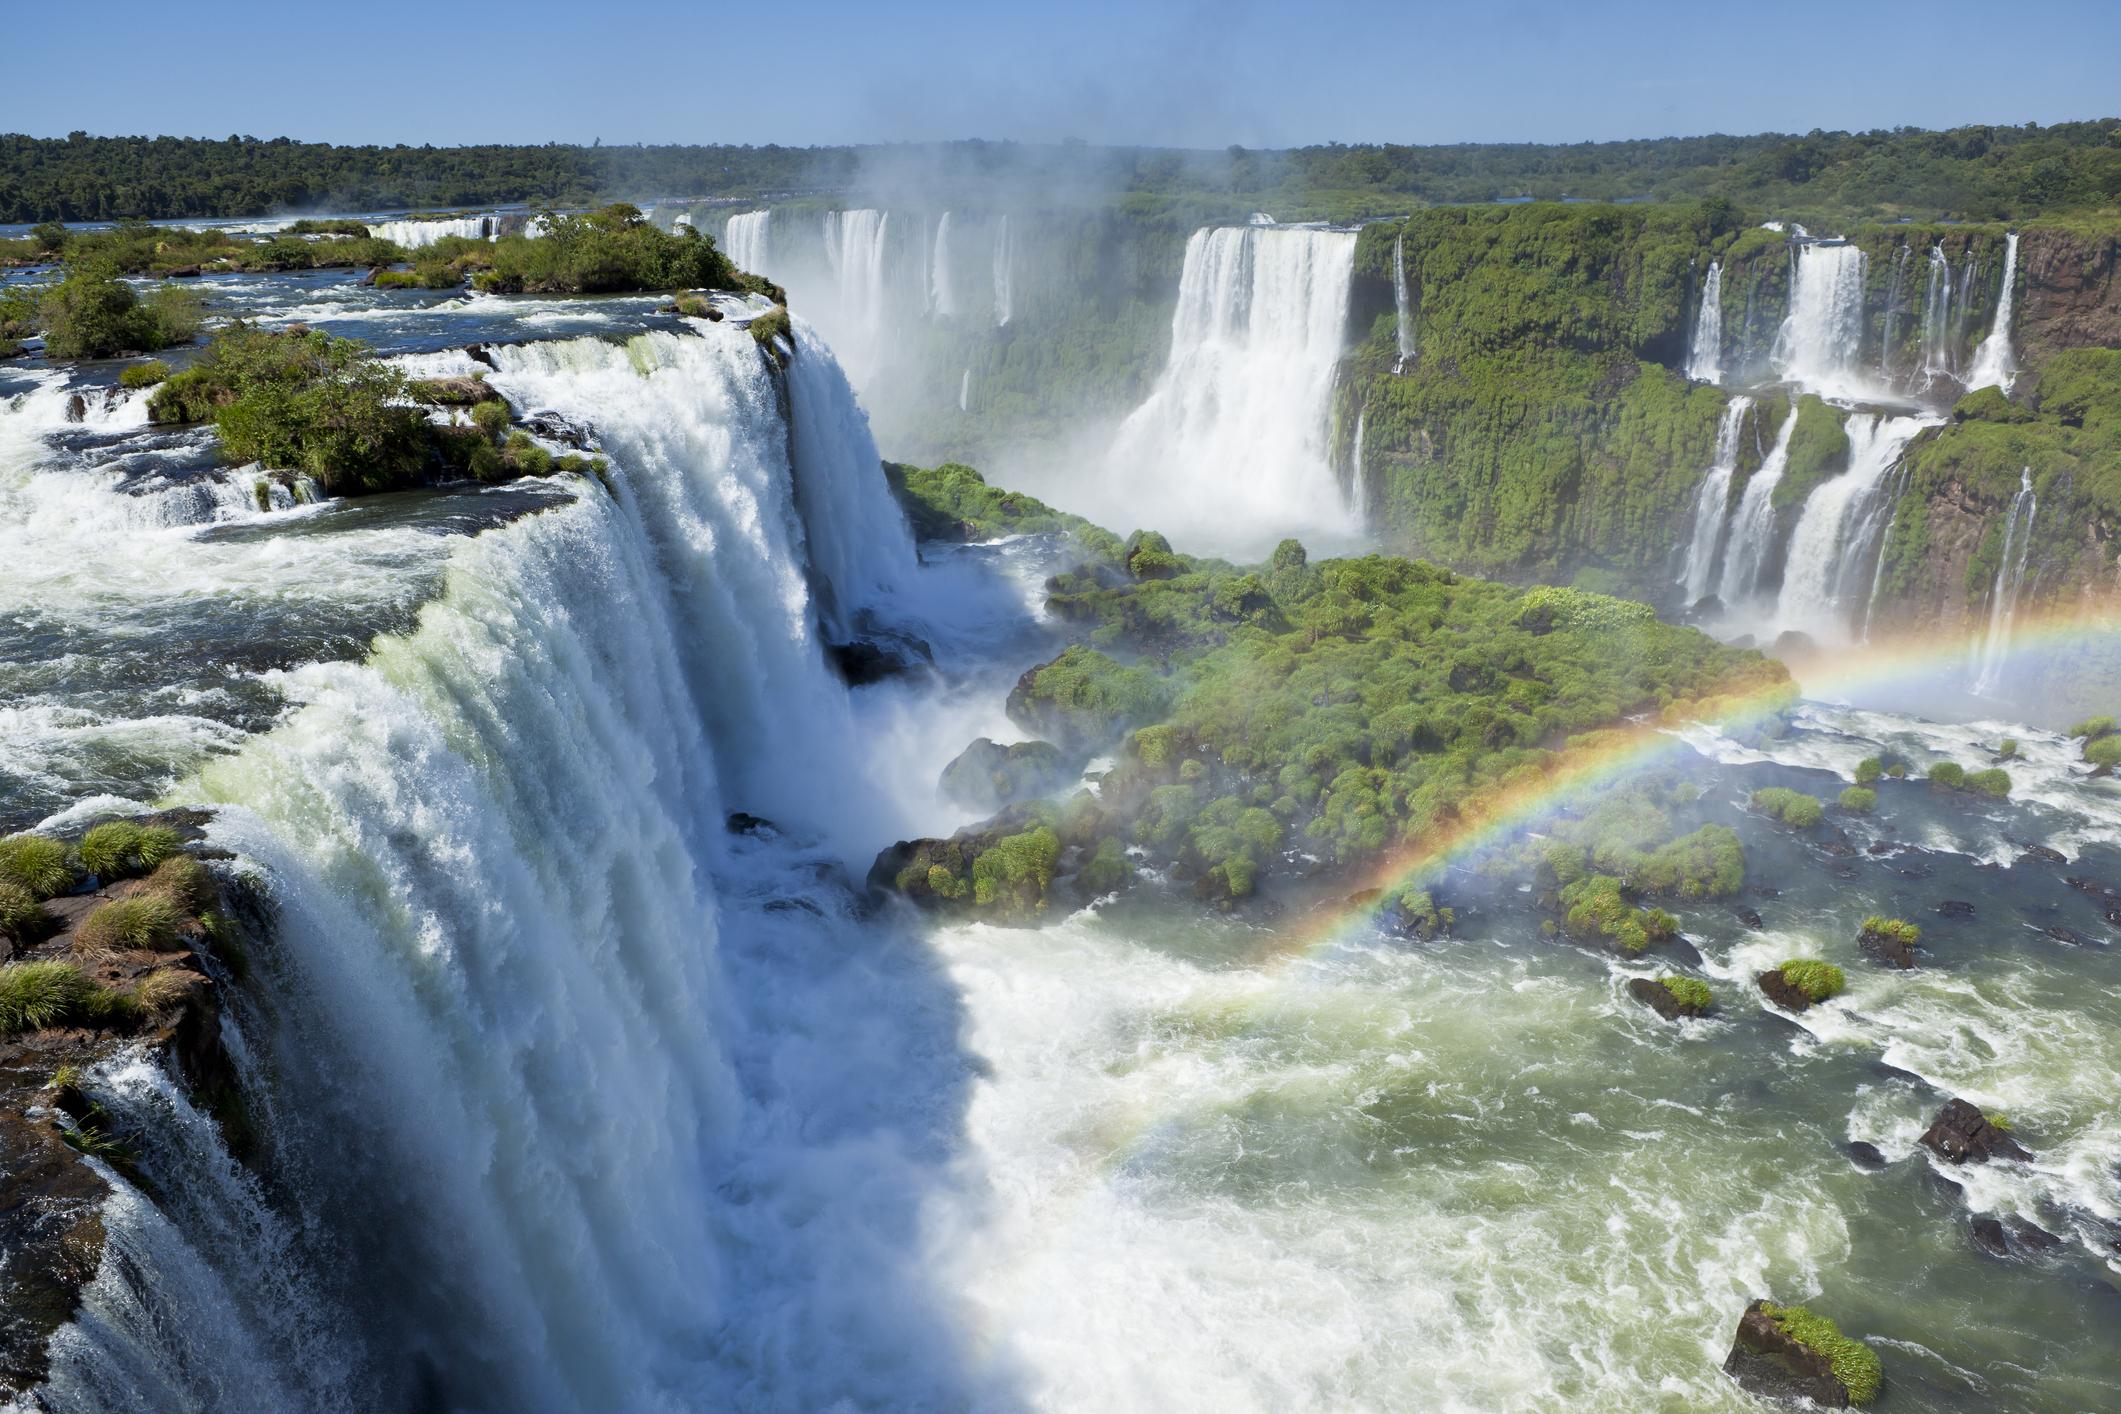 <p>Игуасу е най-голямата система от водопади в света. Разположена е на границата нмежду Аржентина и Бразилия. Легенда разказва, че могъща богиня, отхвърлена от своя смъртен любовник, в яростта си разсича реката, като по този начин създава водопадите.</p>